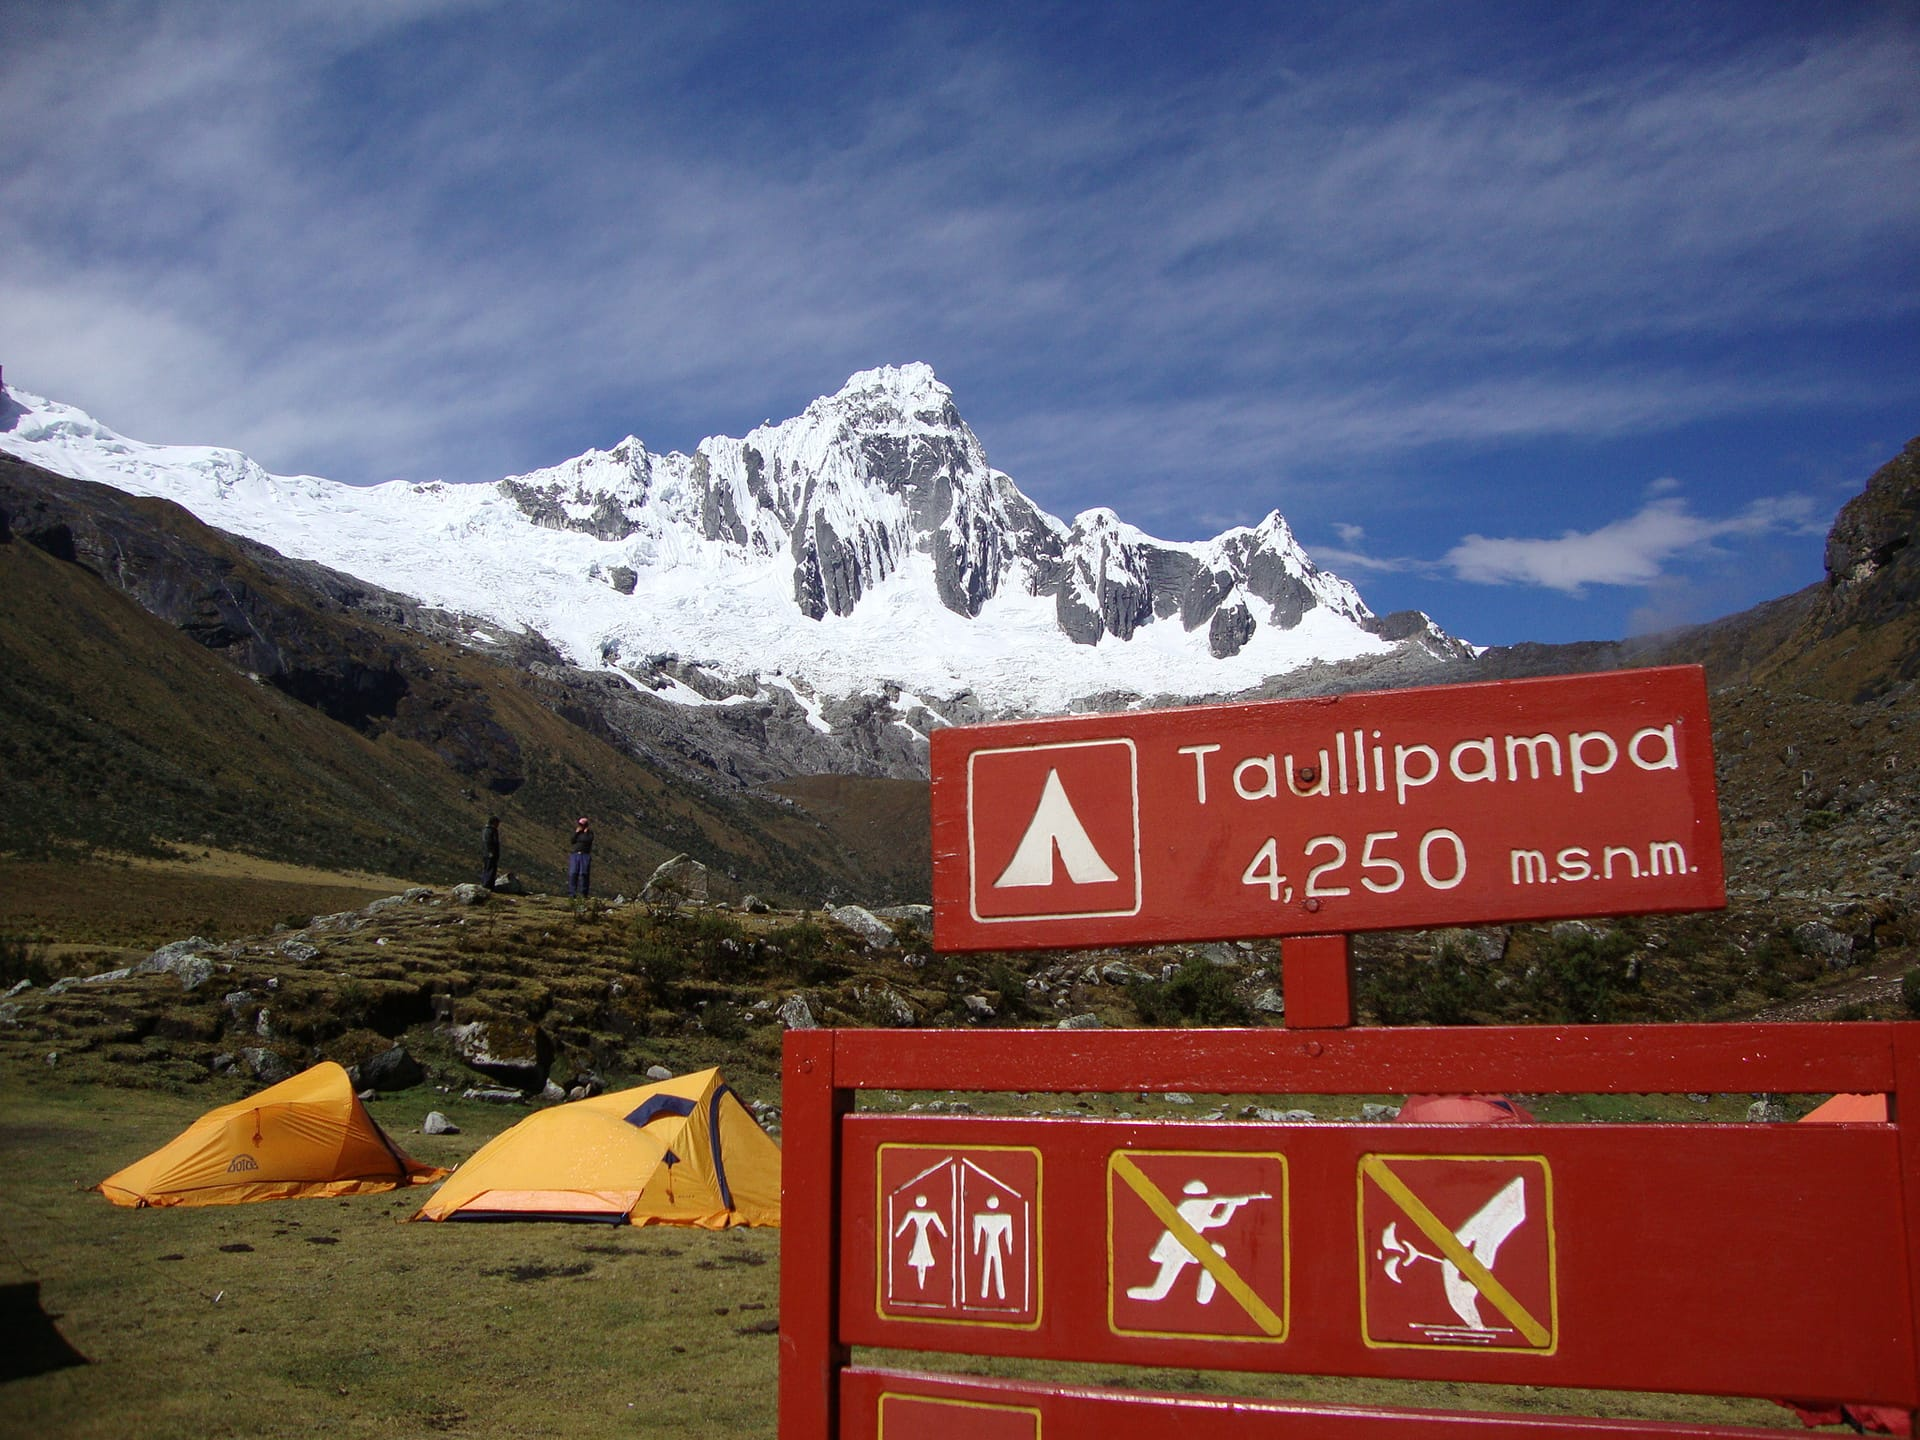 chaullipampa base camp-santa cruz trek